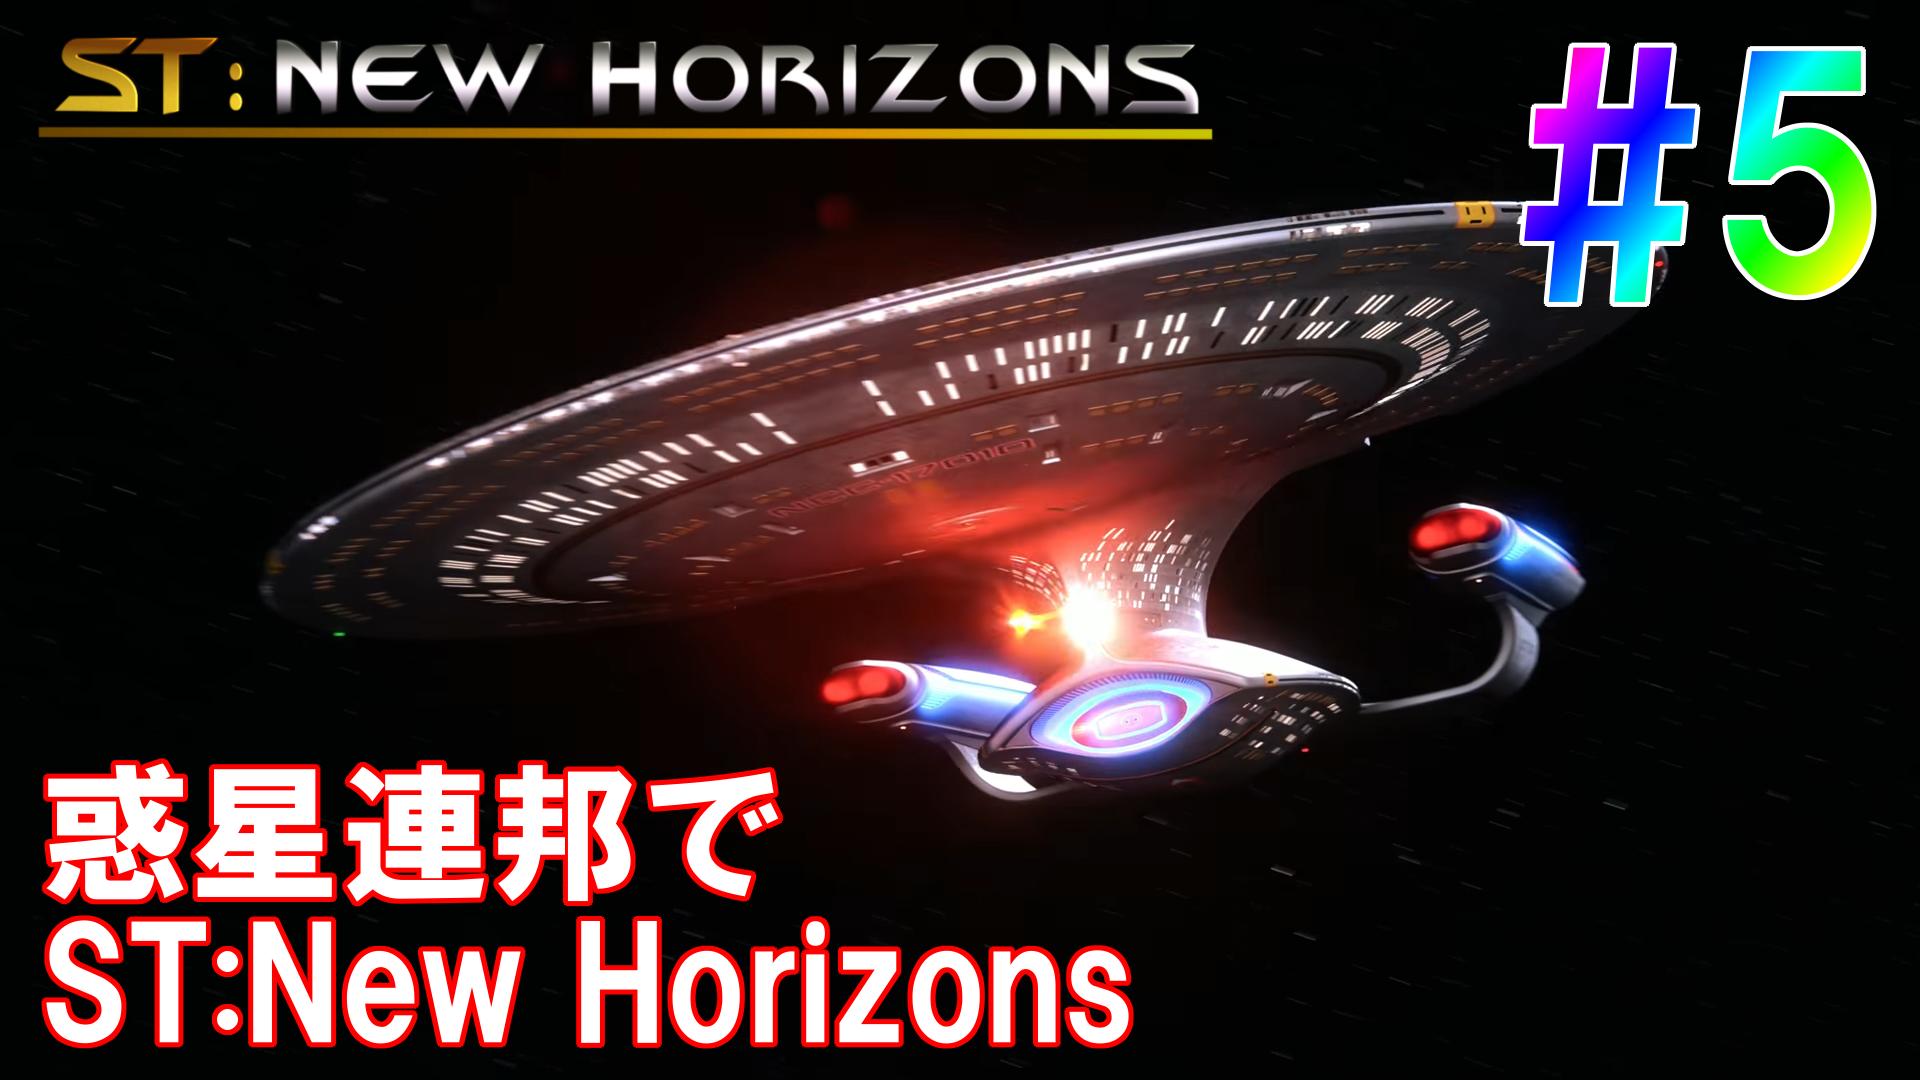 惑星連邦でST:New Horizons #5 ...